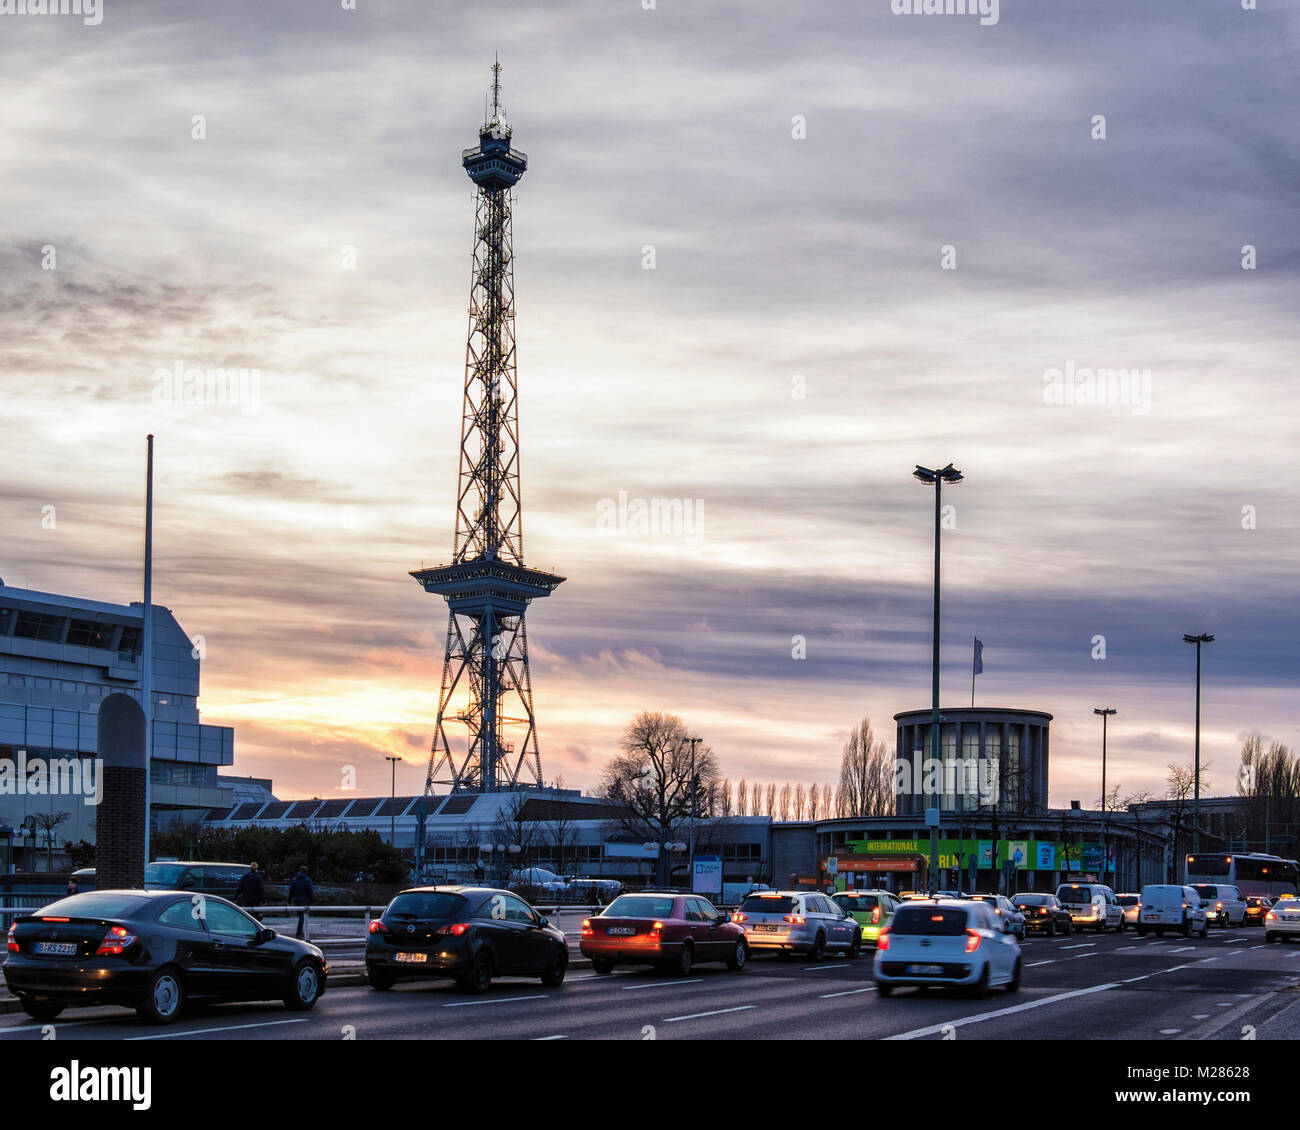 Messe Berlin Stockfotos & Messe Berlin Bilder